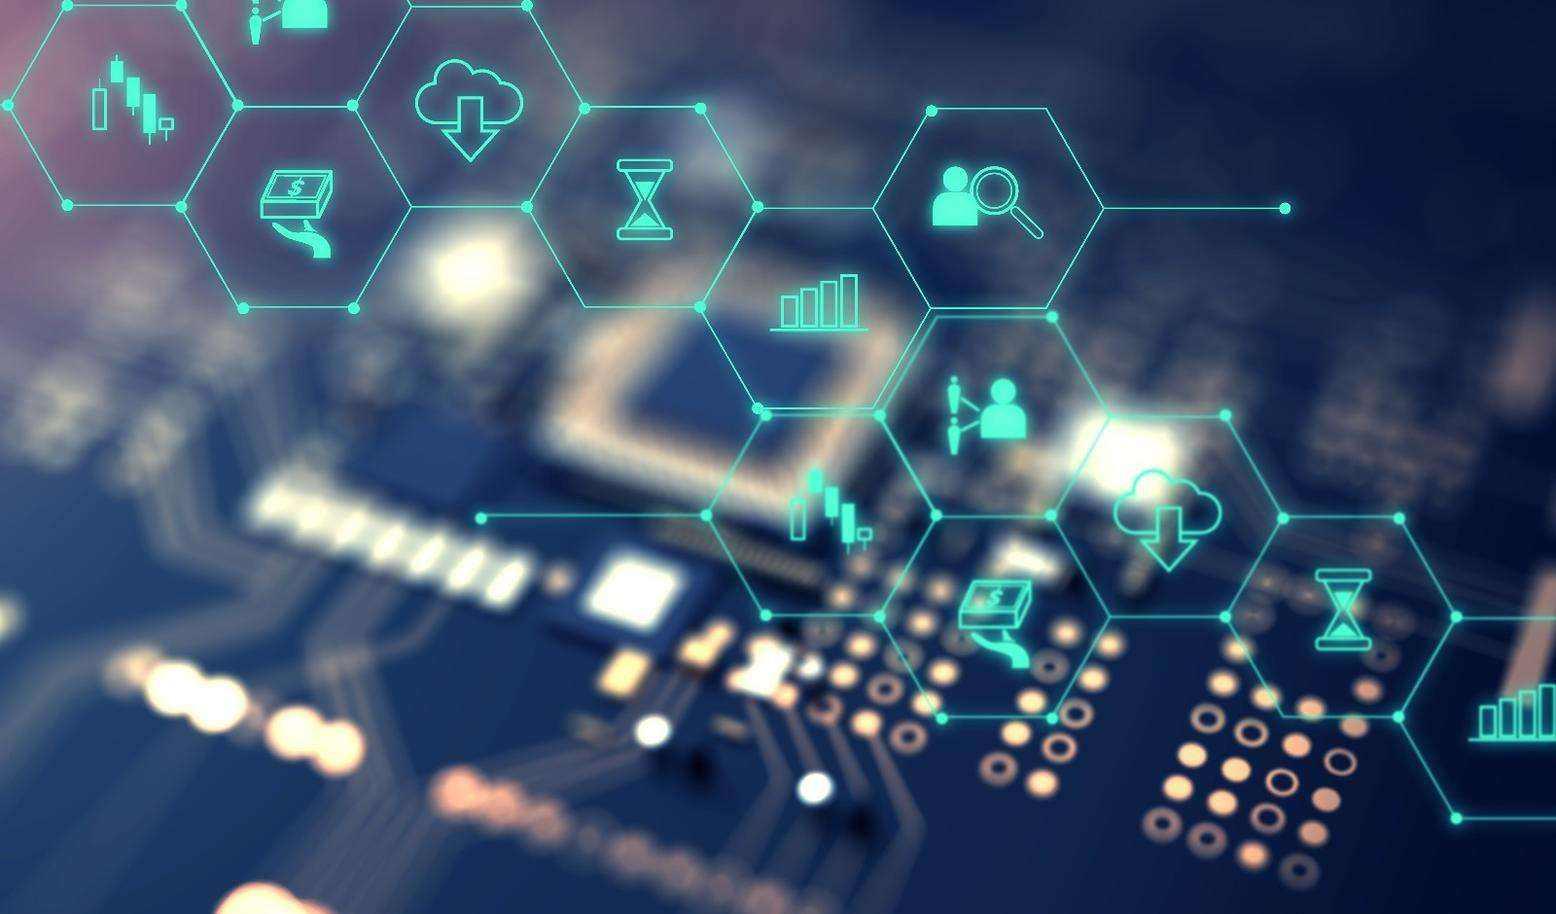 人民日报:区块链将是第四次工业革命的关键技术